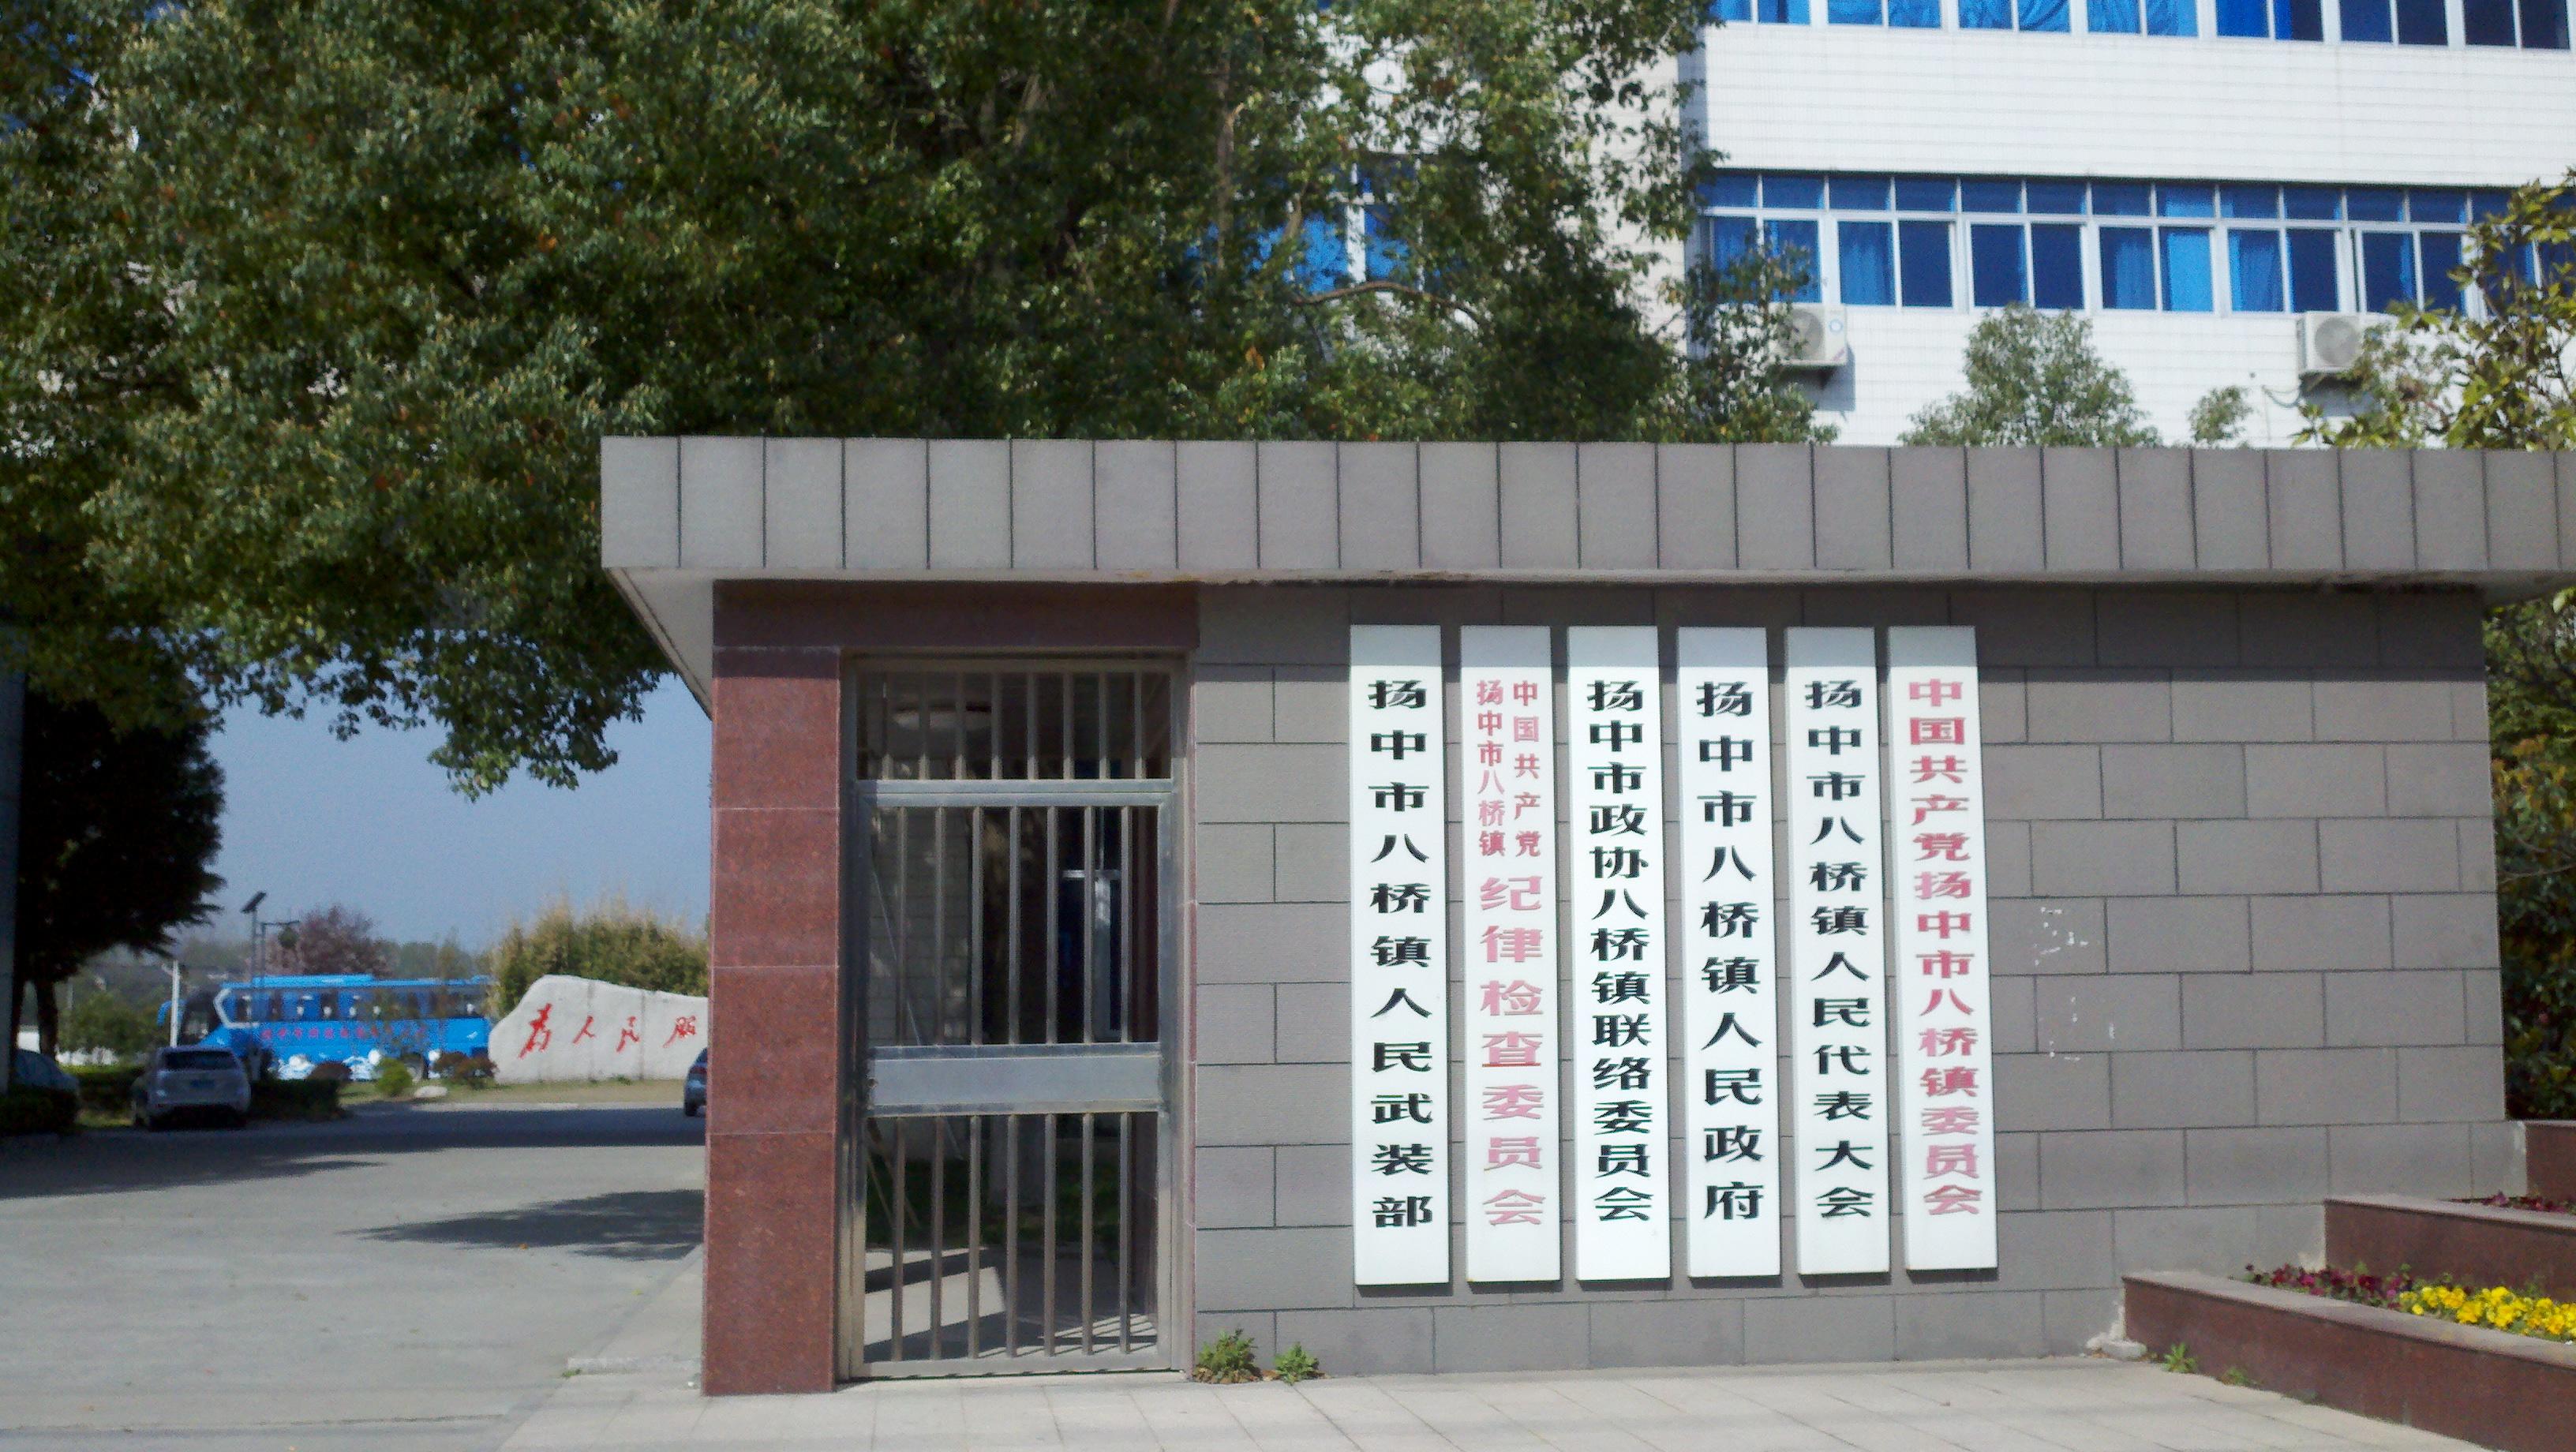 扬中市八桥镇人民政府